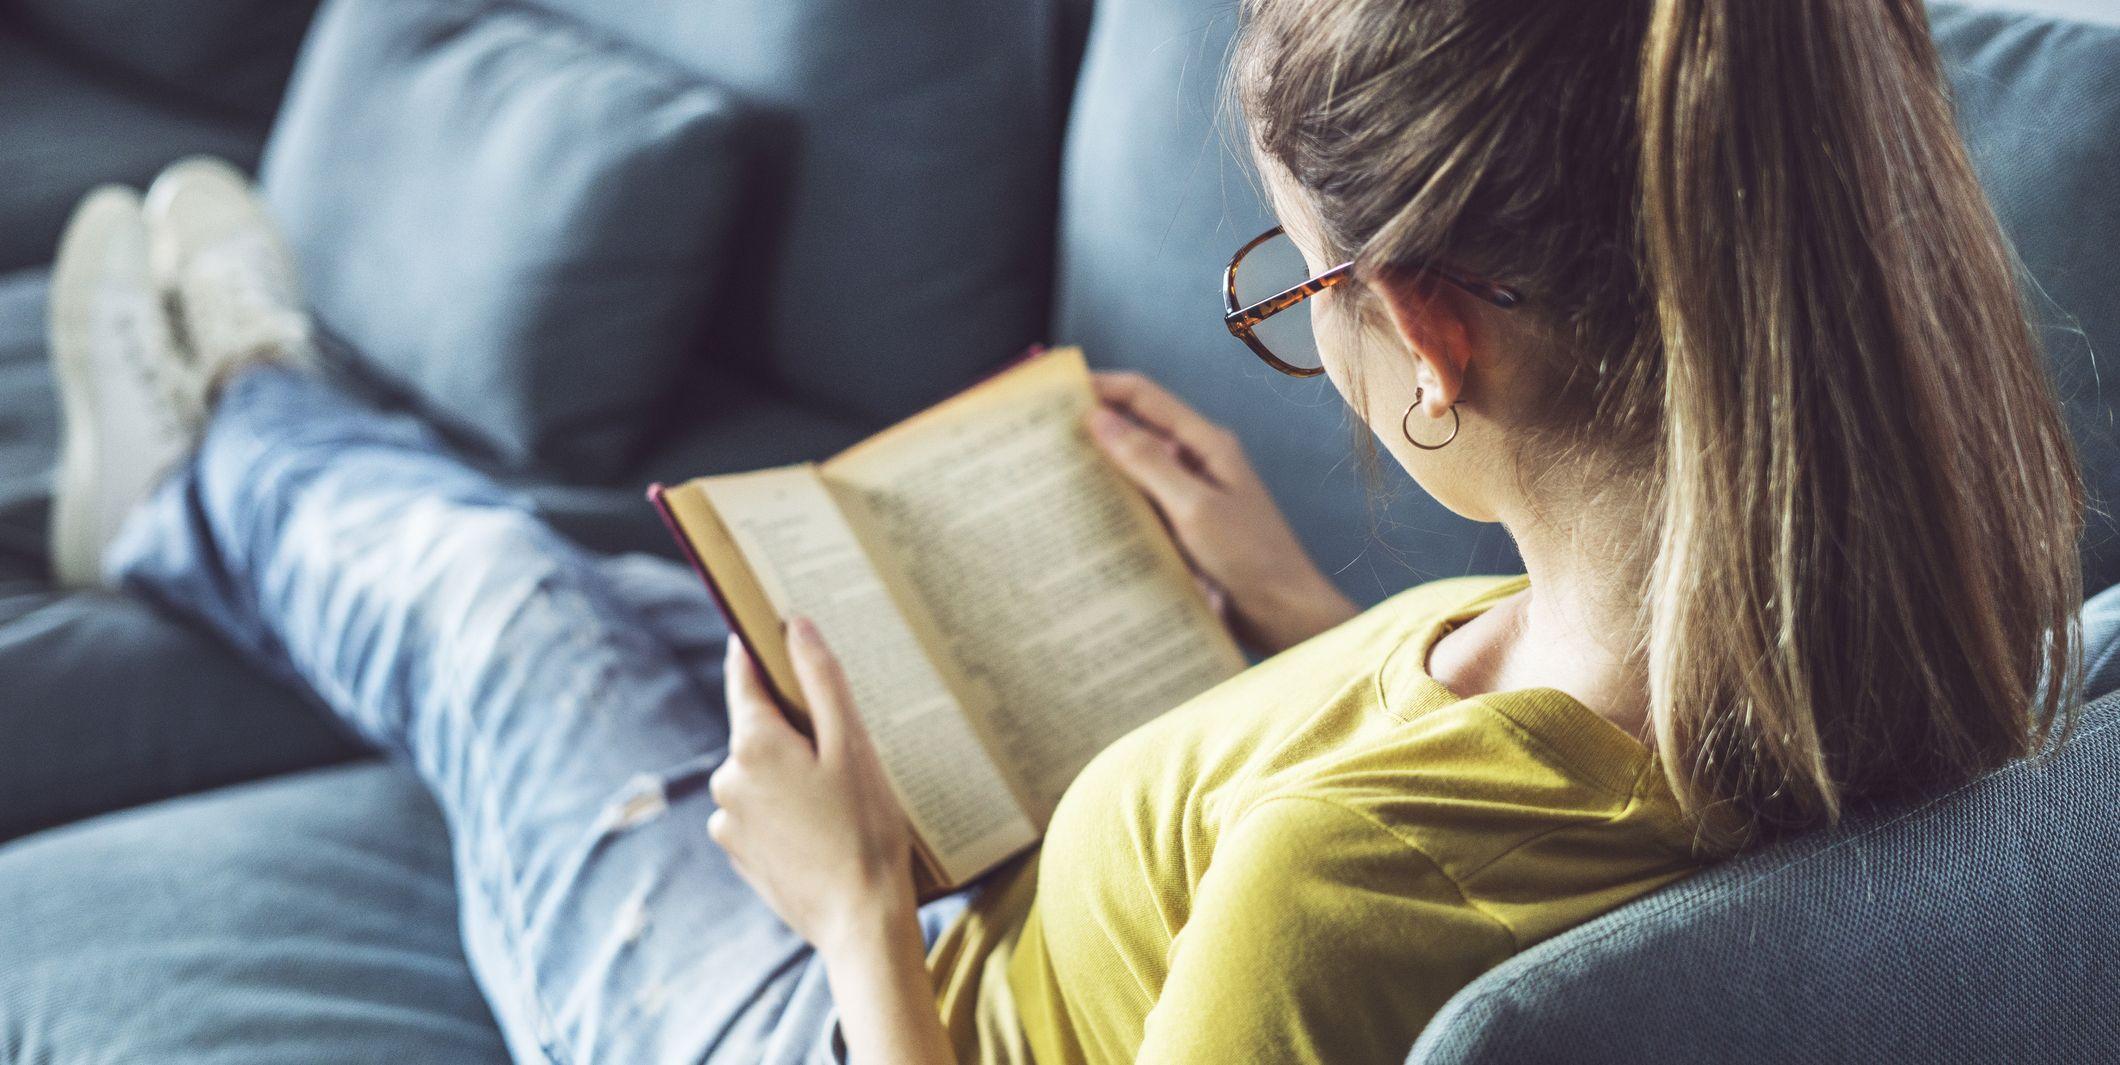 セレーナ・ゴメスが双極性障害を生配信で告白した理由とは?